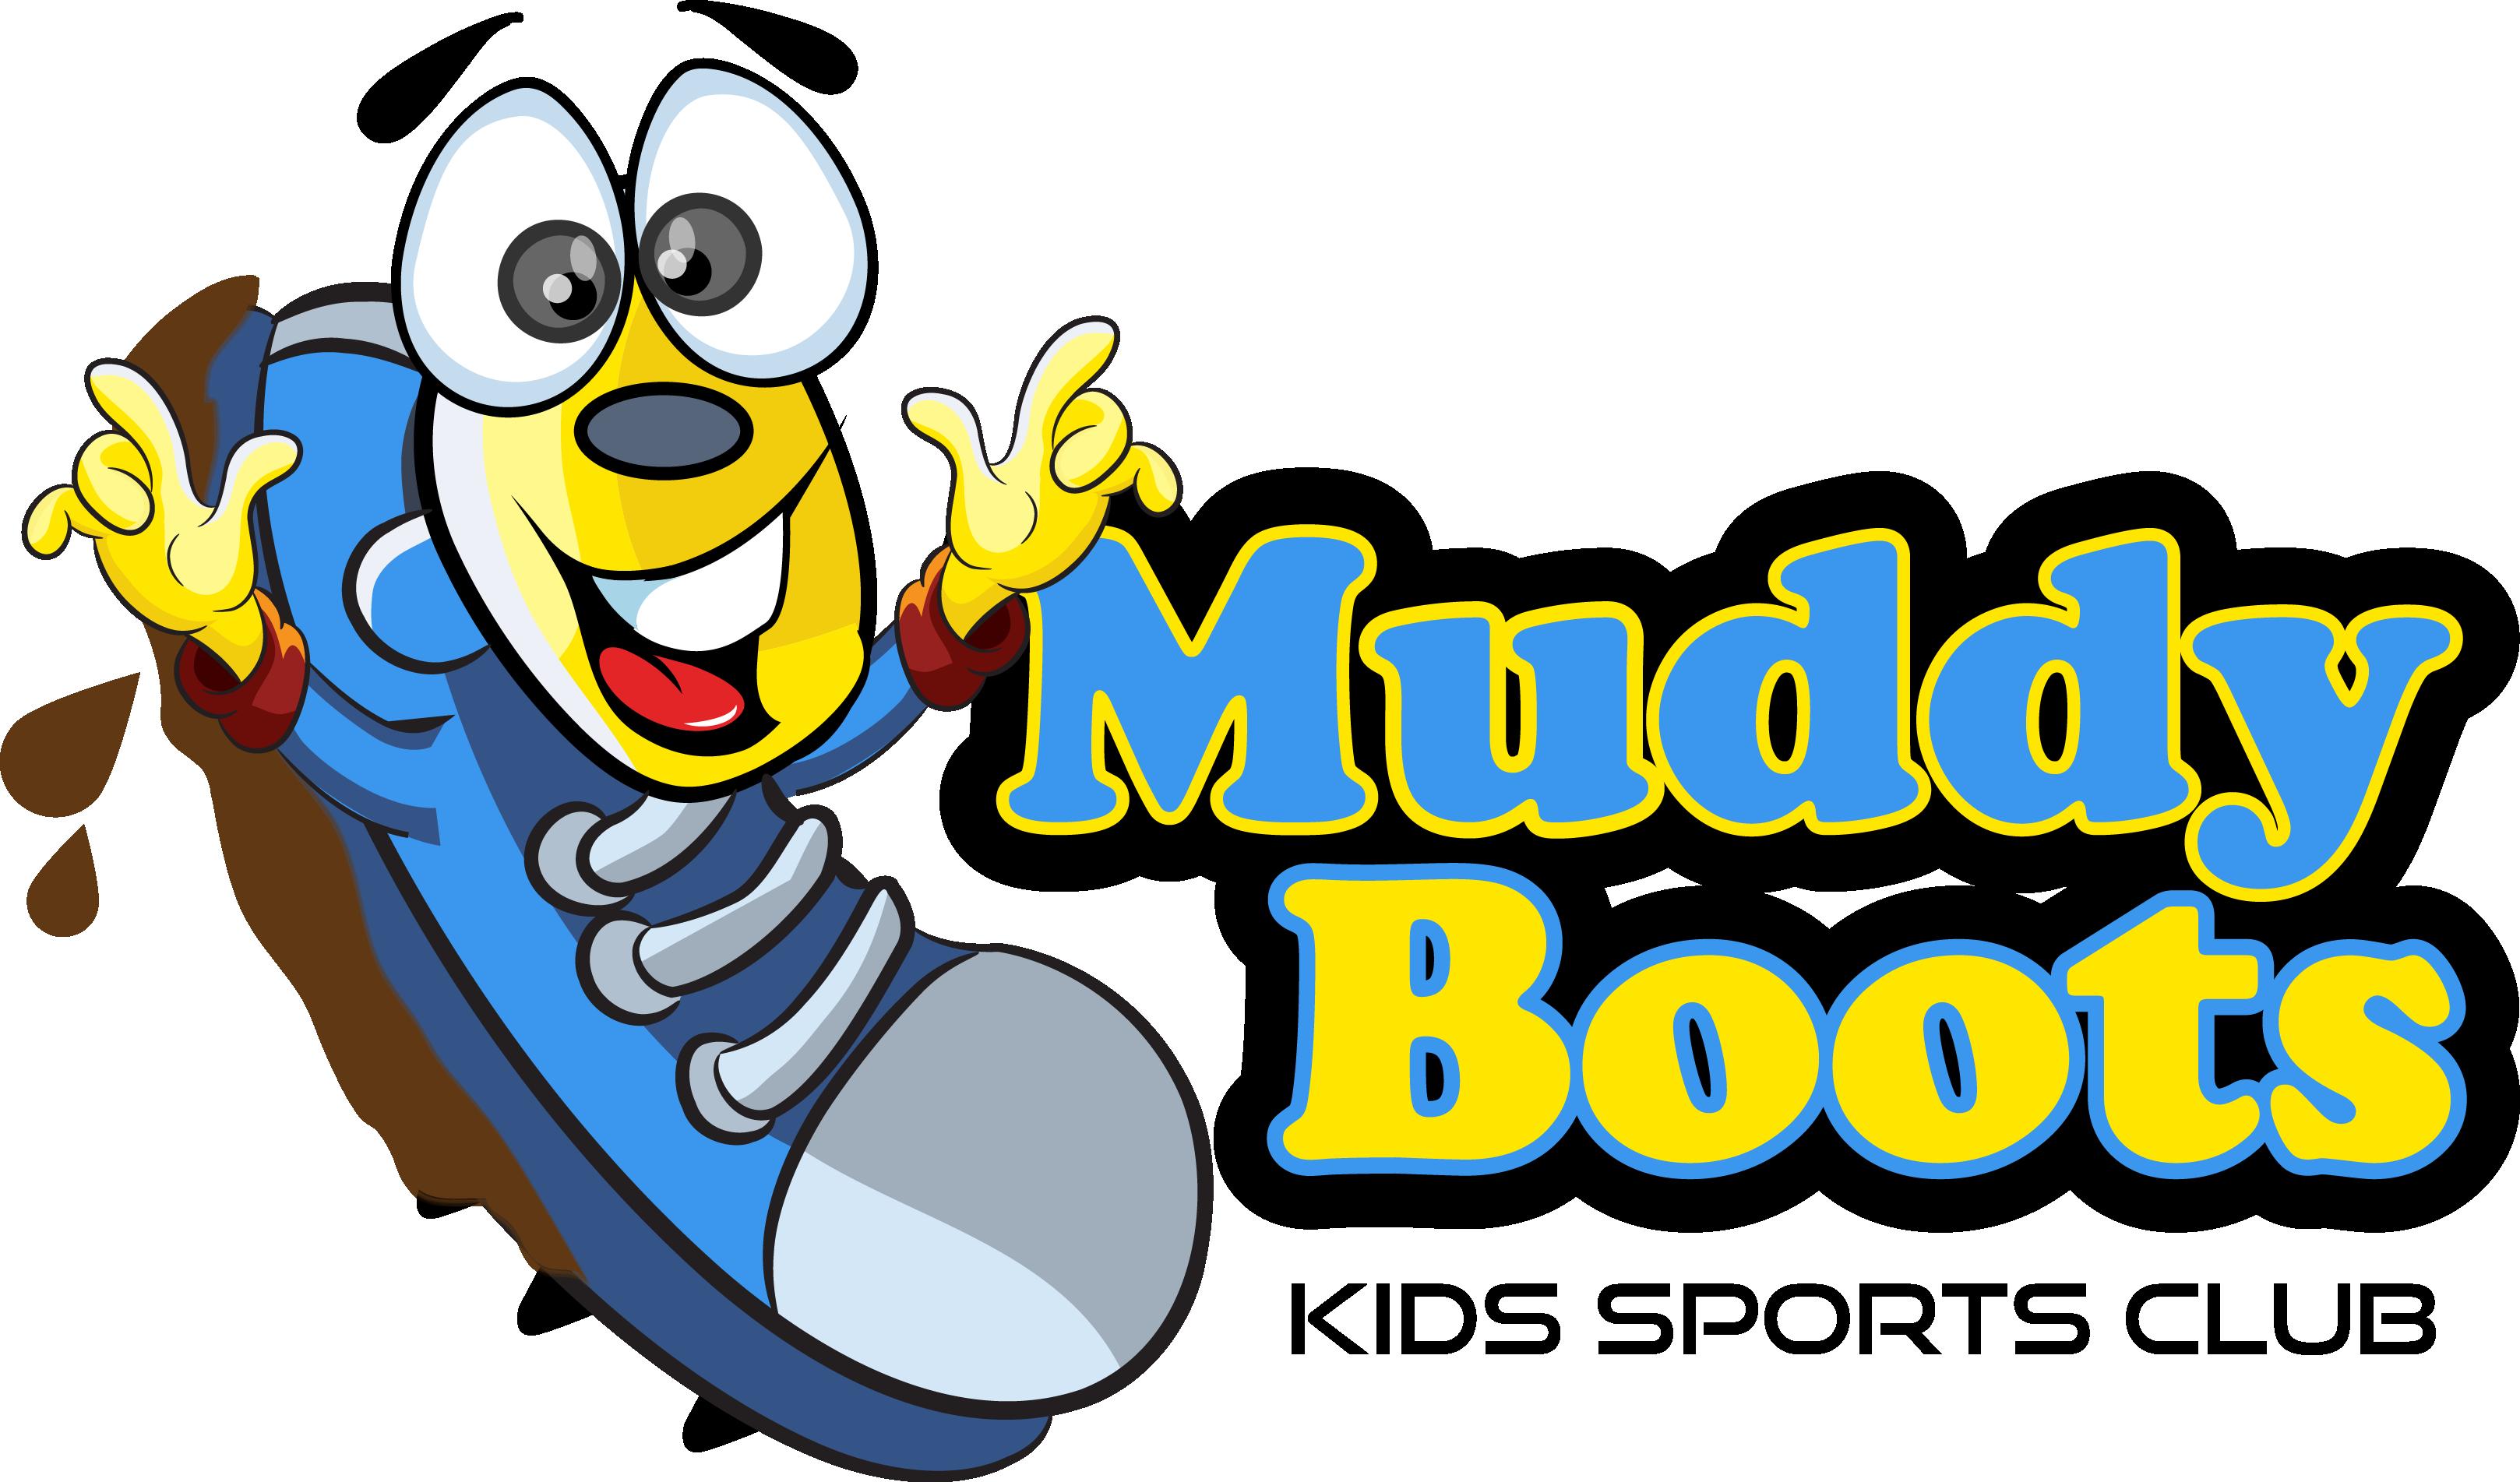 Muddy Boots Kids Sports Club